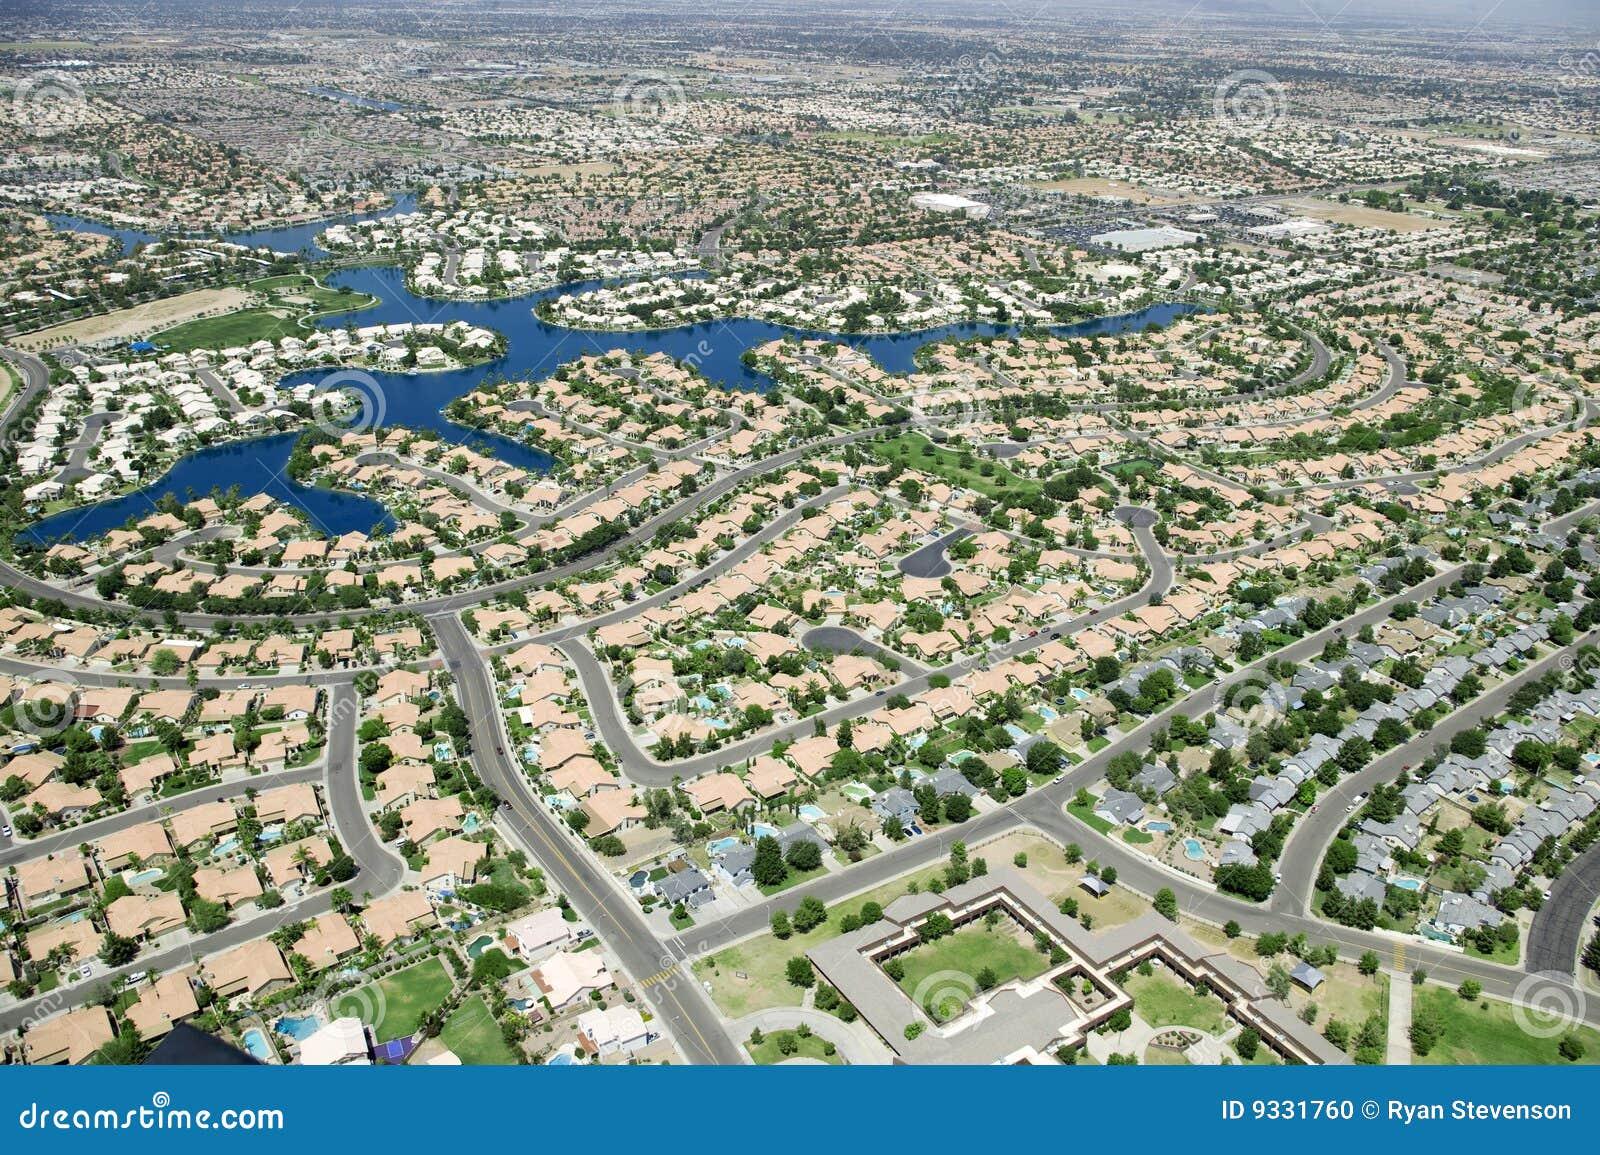 Urbanizaci n foto de archivo imagen de casas helic ptero - Urbanizacion la finca madrid ...